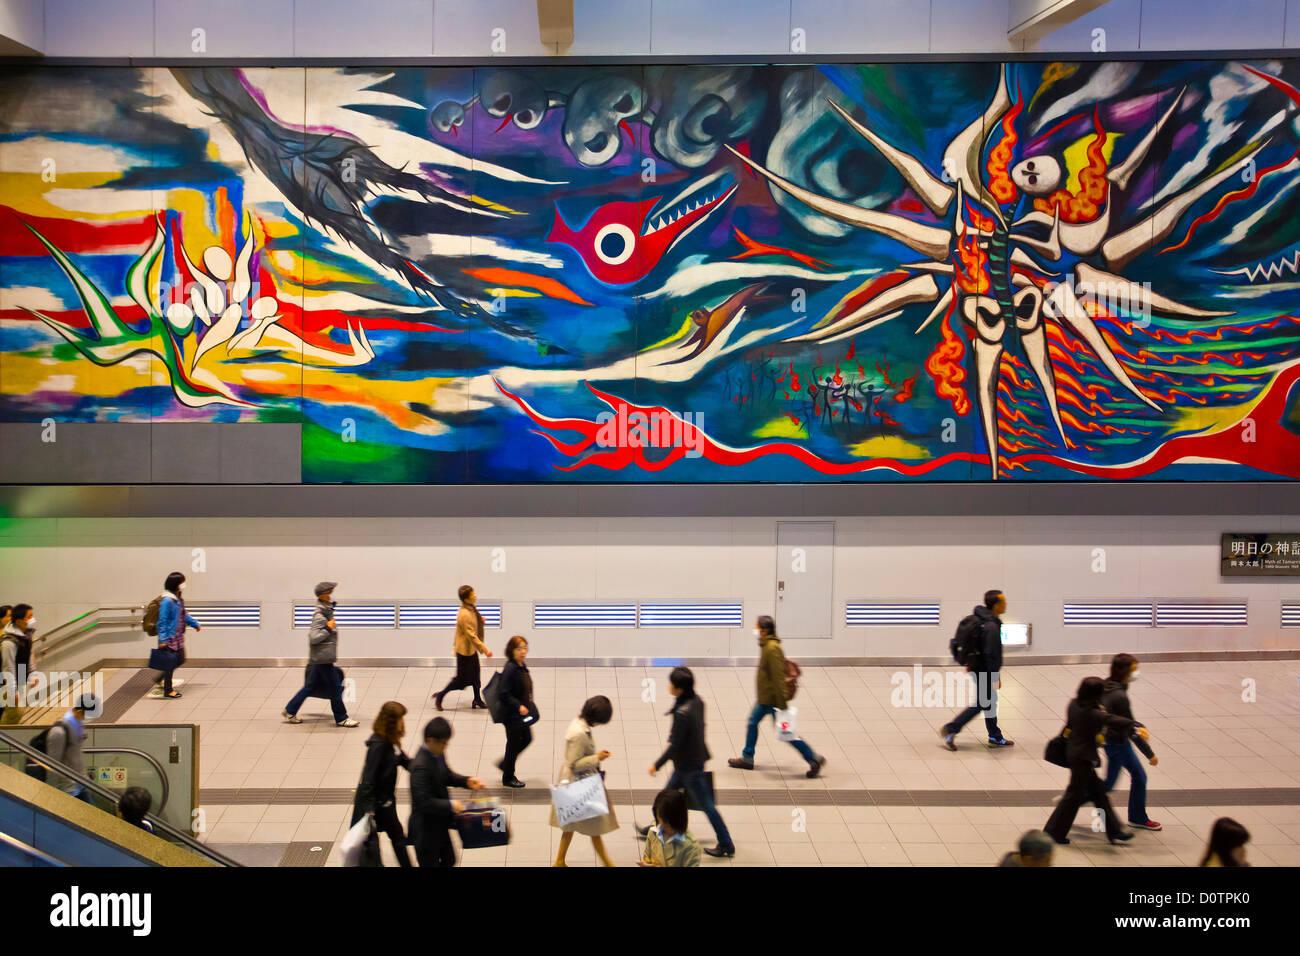 Giappone, Asia, vacanze, viaggi, Tokyo, Città, Shibuya, Stazione, arte, colorato, hall, moderno, murale, pittura, Immagini Stock